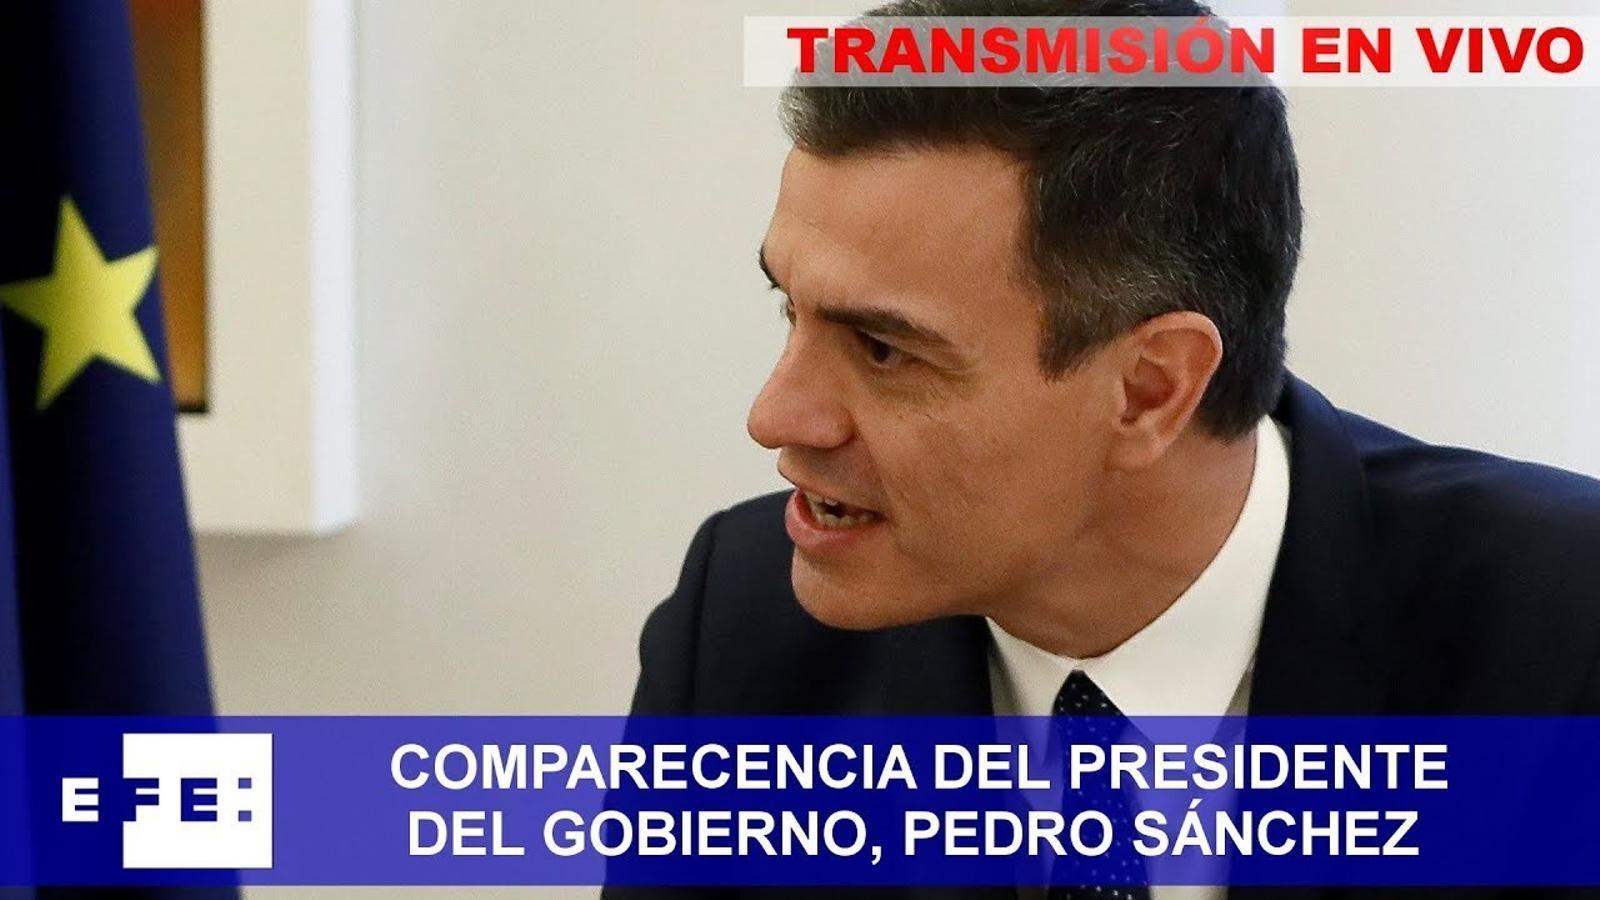 EN DIRECTE: Pedro Sánchez compareix per explicar la seva decisió sobre les eleccions